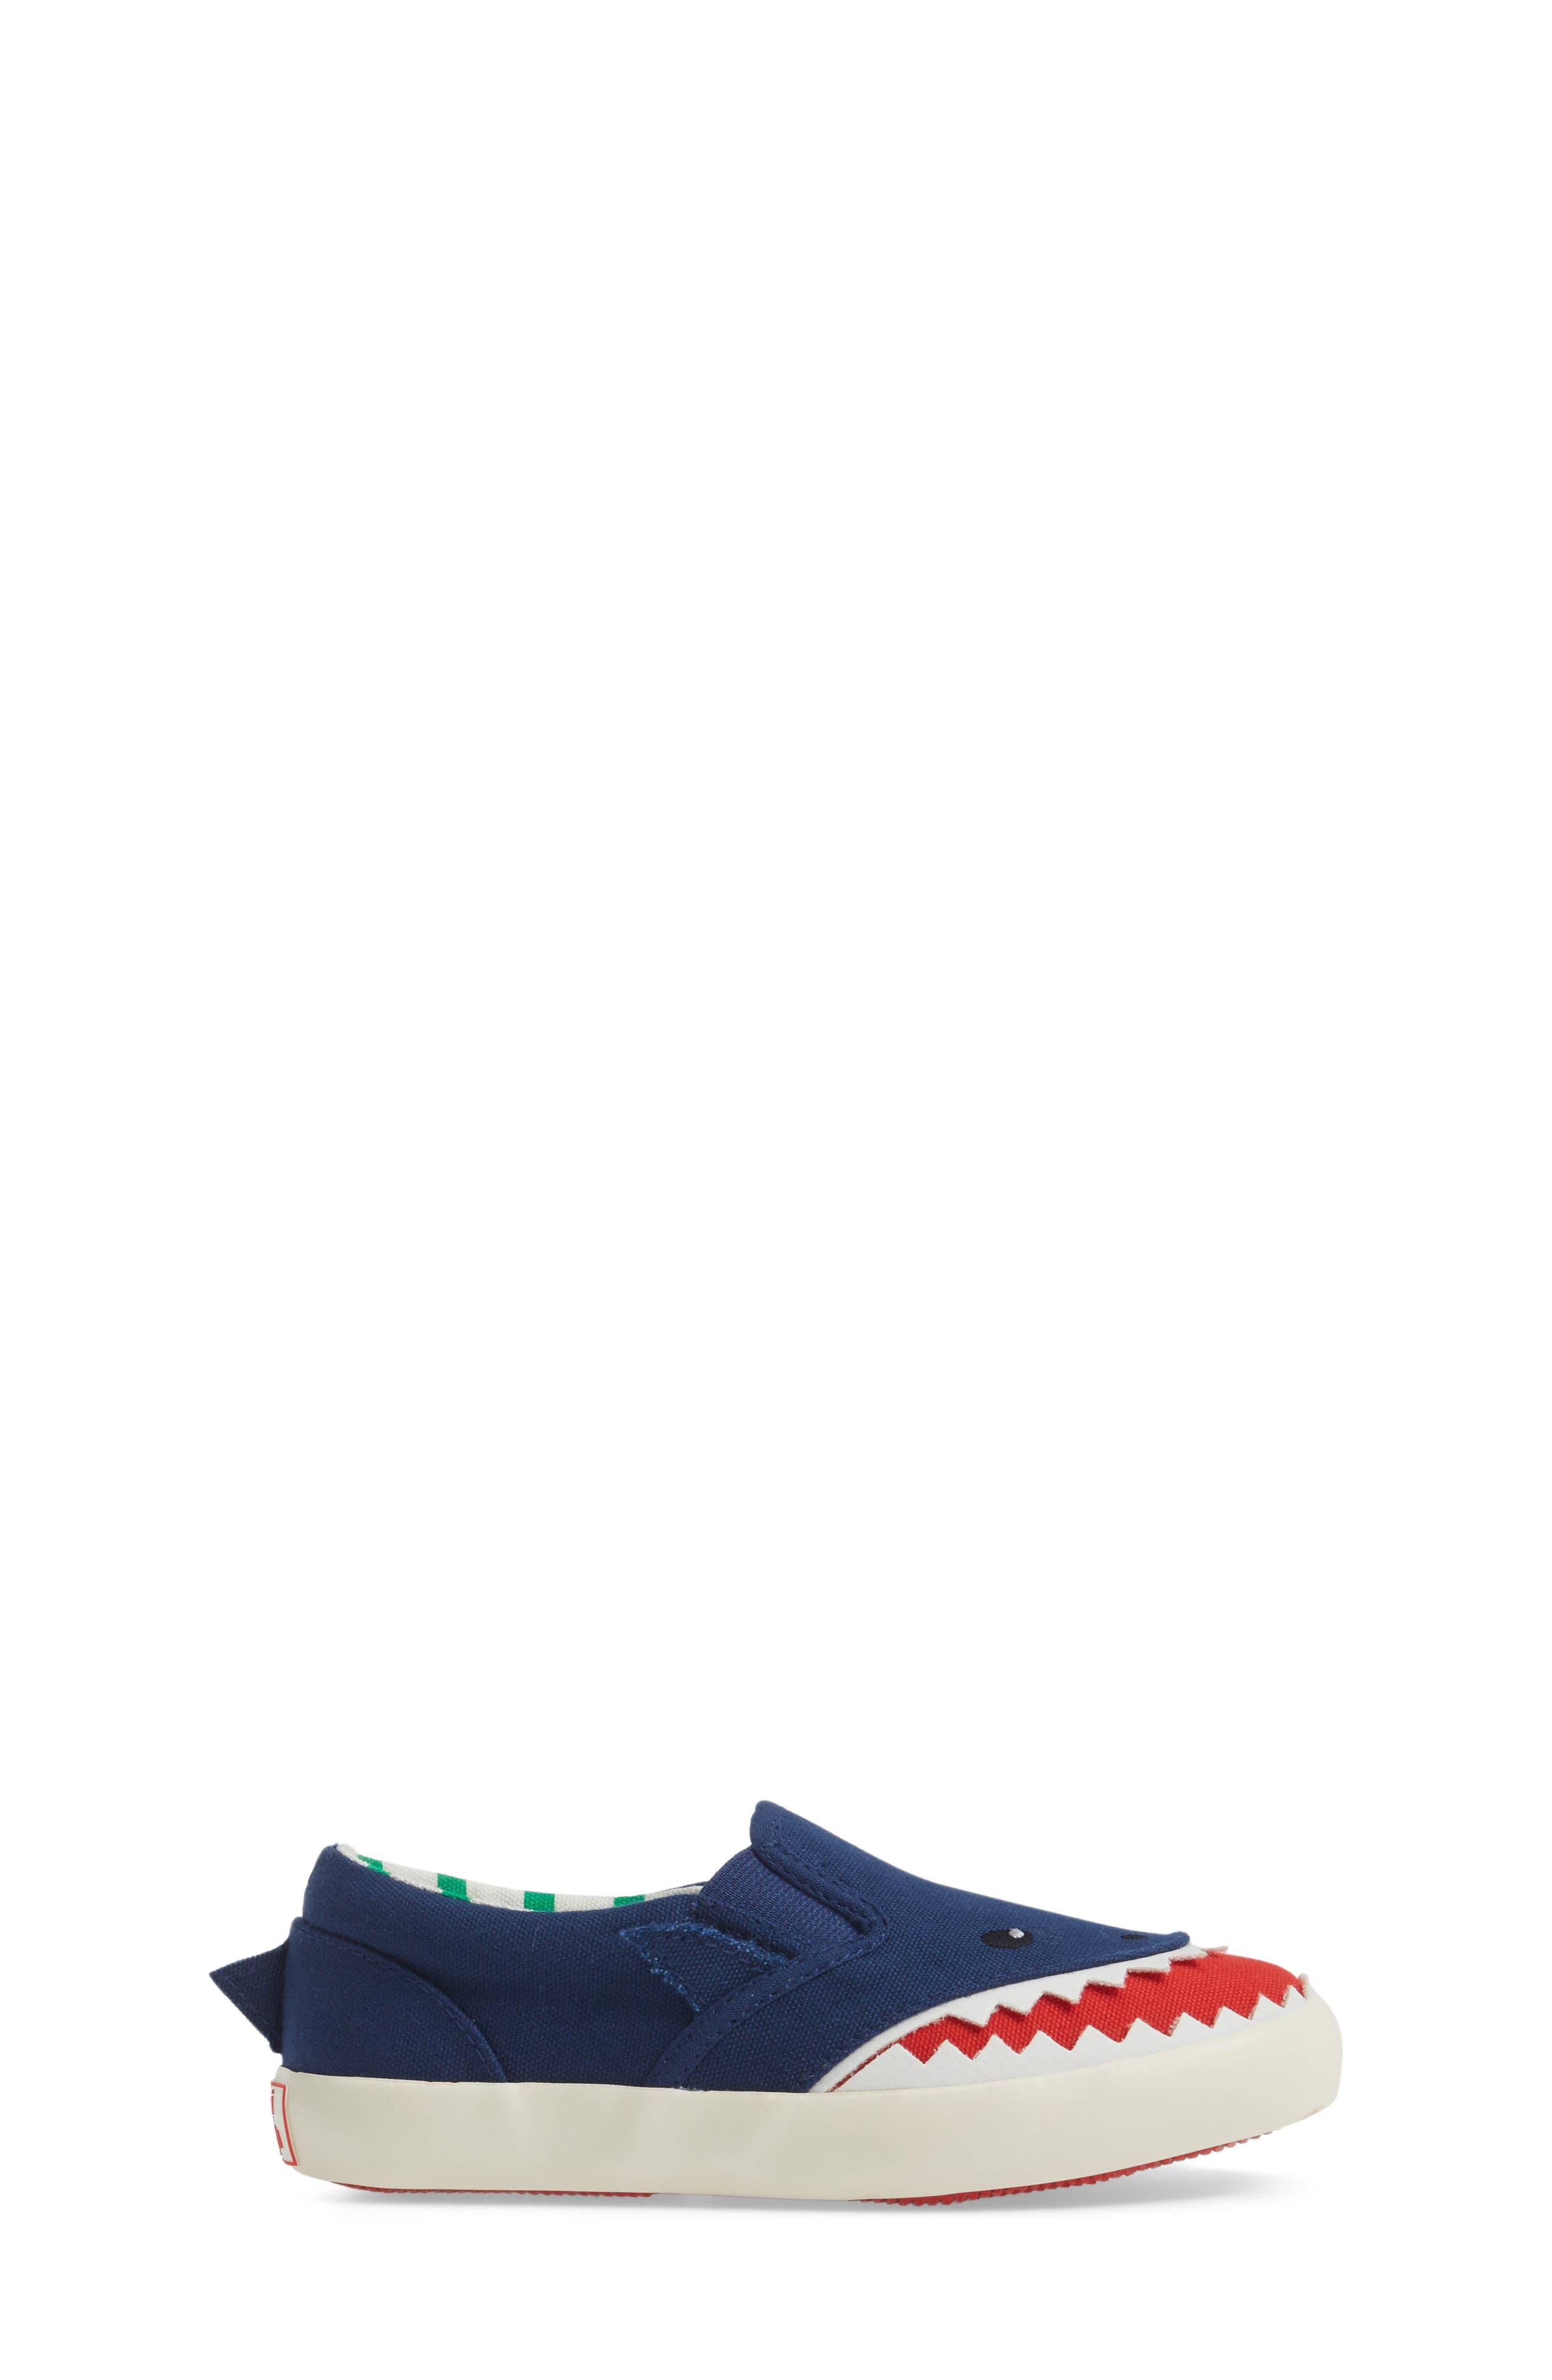 Alternate Image 3  - Mini Boden Slip-On Sneaker (Toddler, Little Kid & Big Kid)